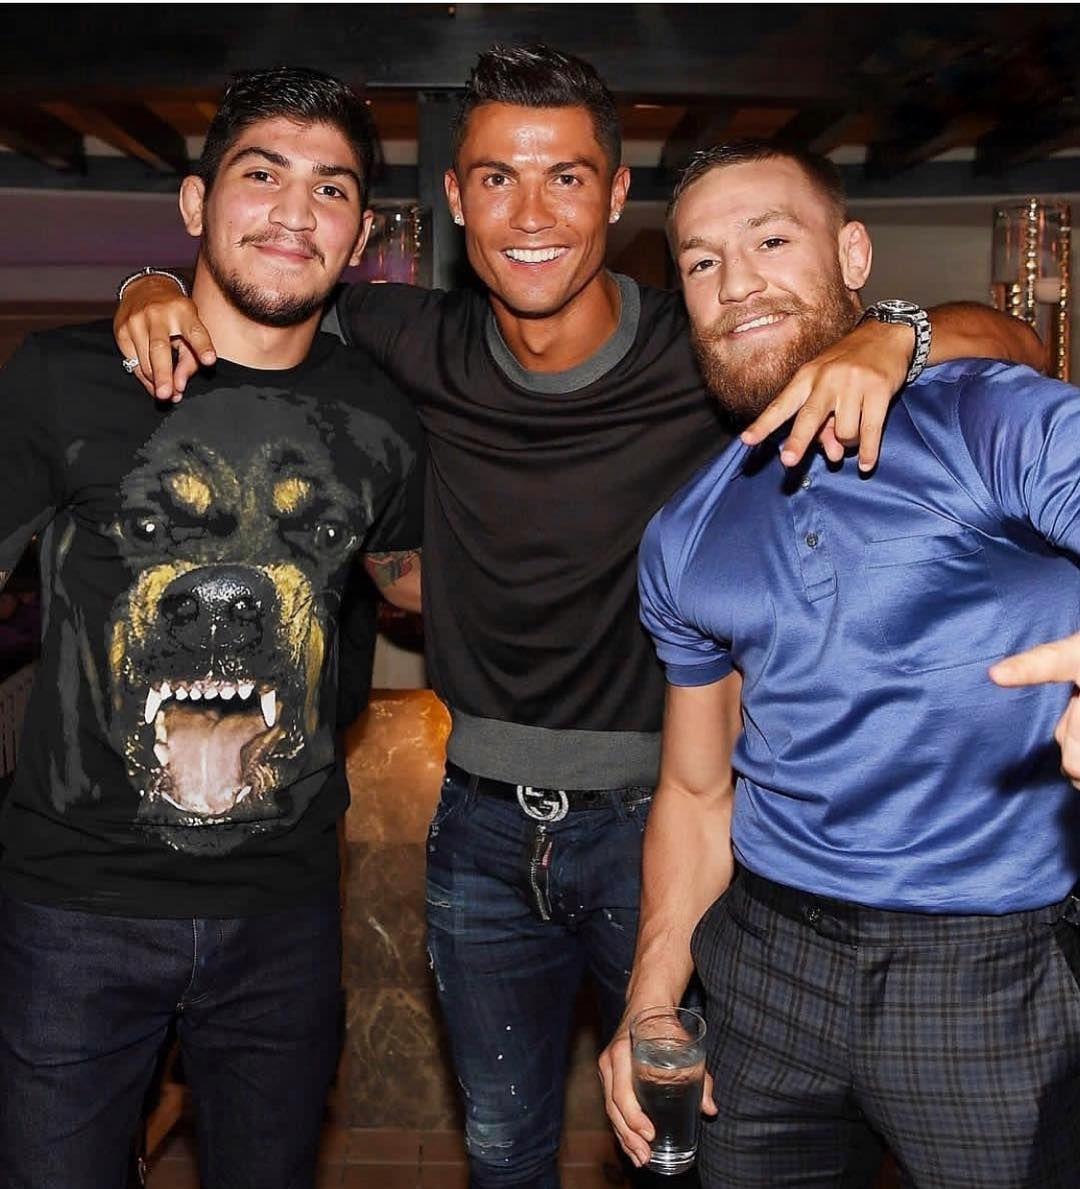 Conor Mcgregor Vs Khabib Brothers Thenotoriousmma Cristiano Dillondanis Cristiano Ronaldo Conor Mcgregor Dillon Danis